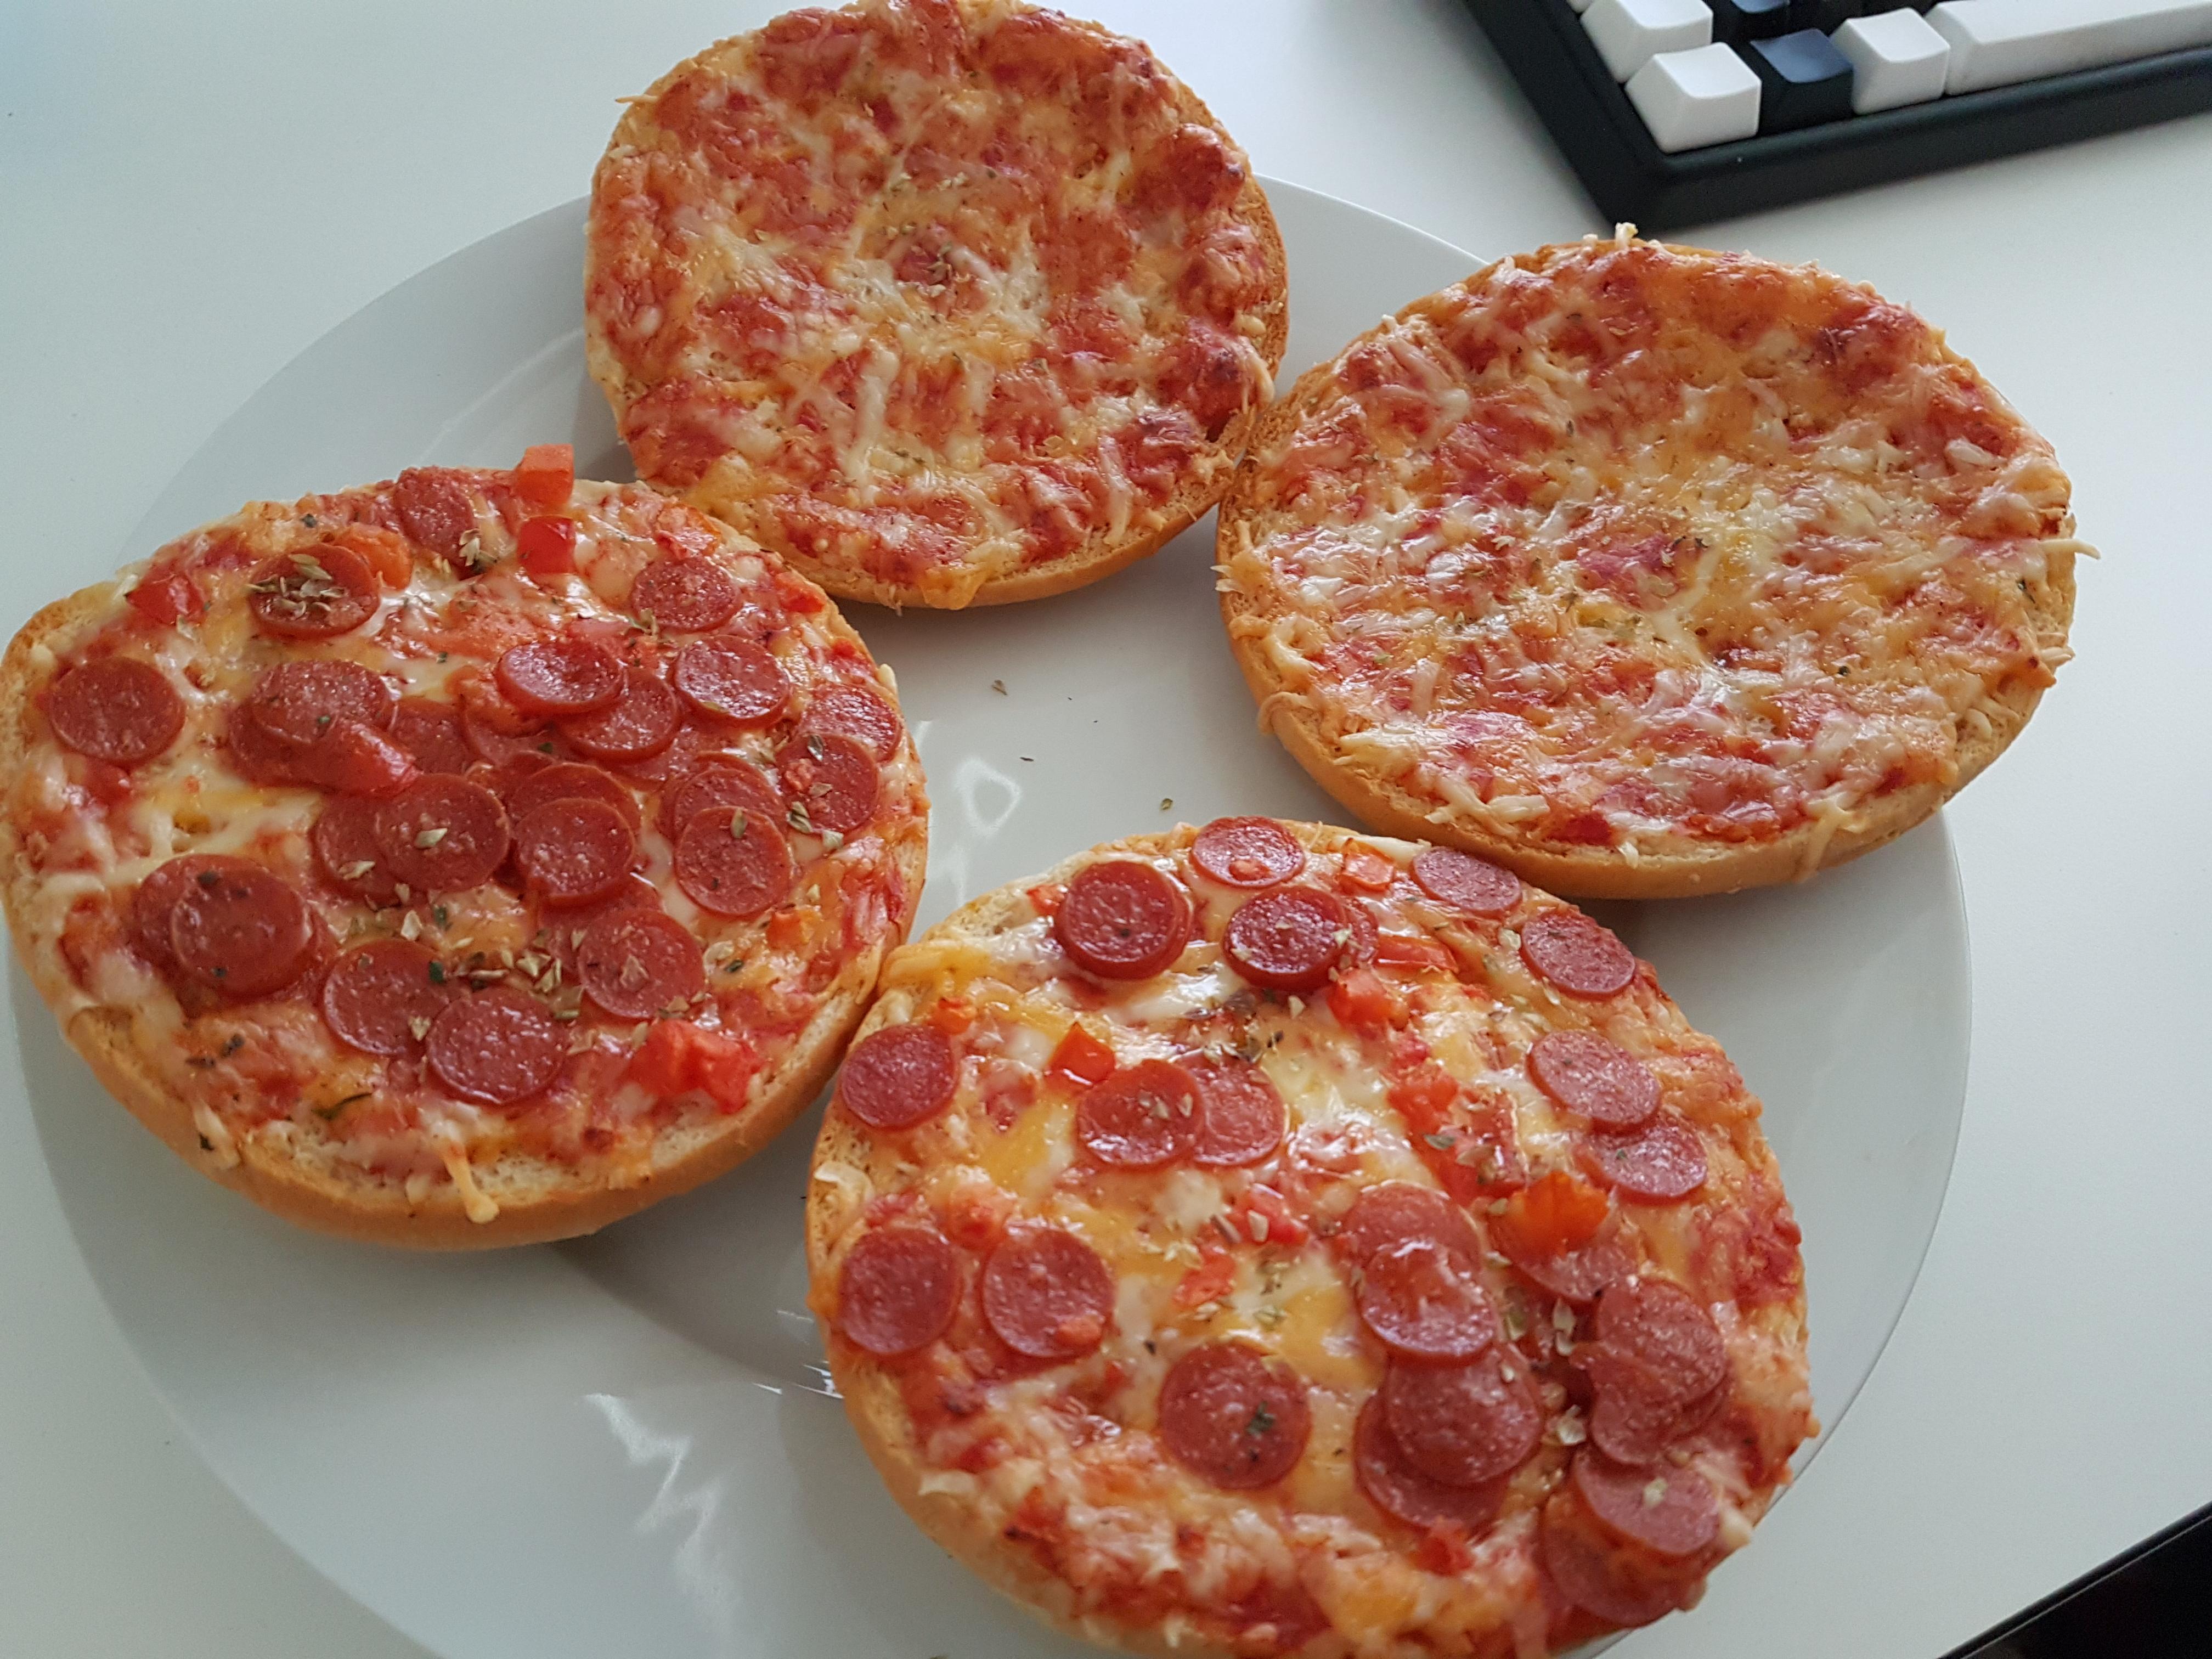 http://foodloader.net/Holz_2018-02-25_Pizzaburger.jpg